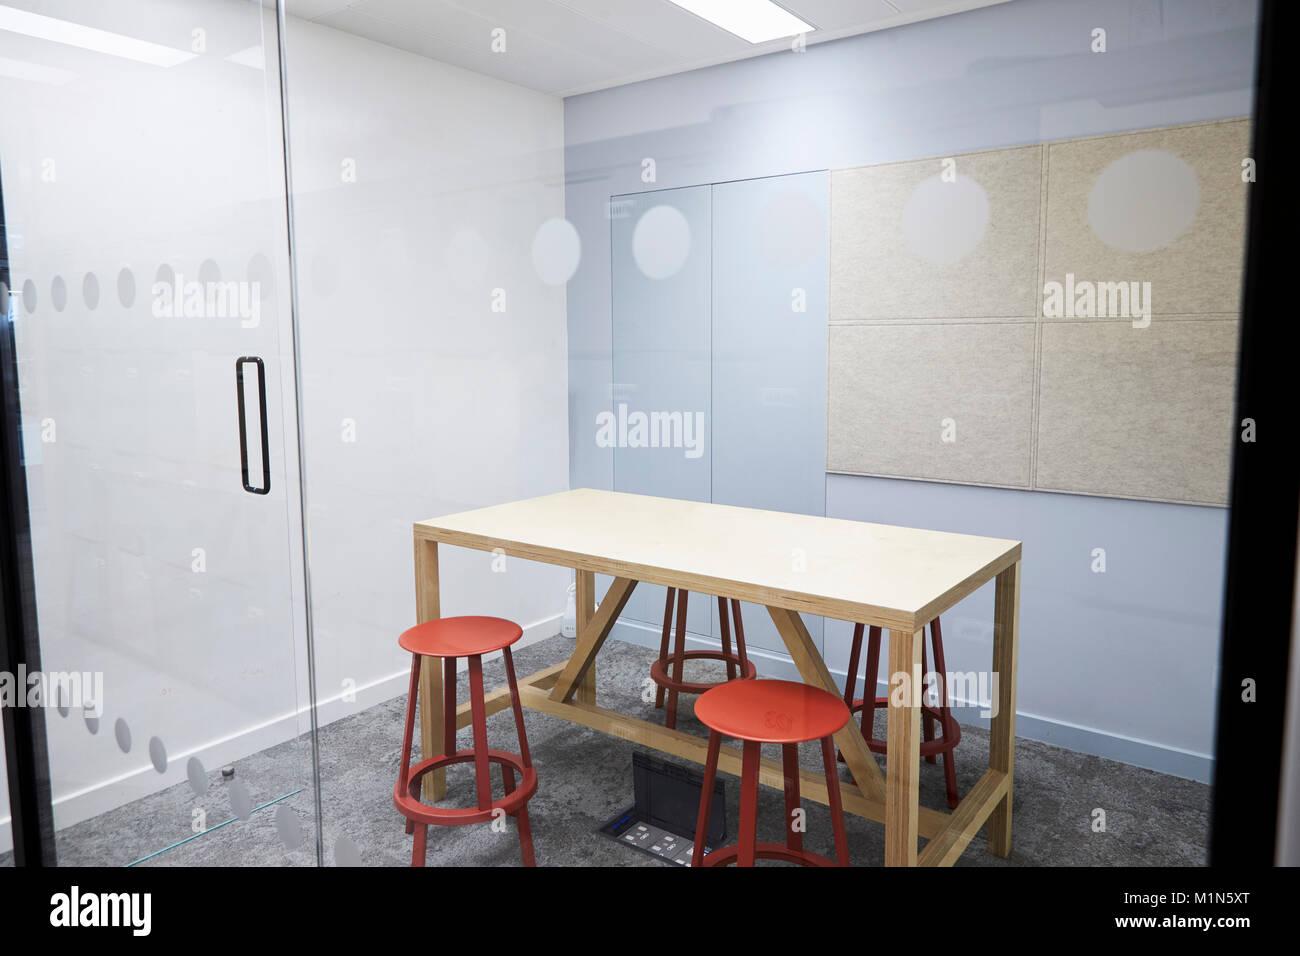 Petite salle de réunion vide à un établissement commercial moderne Banque D'Images